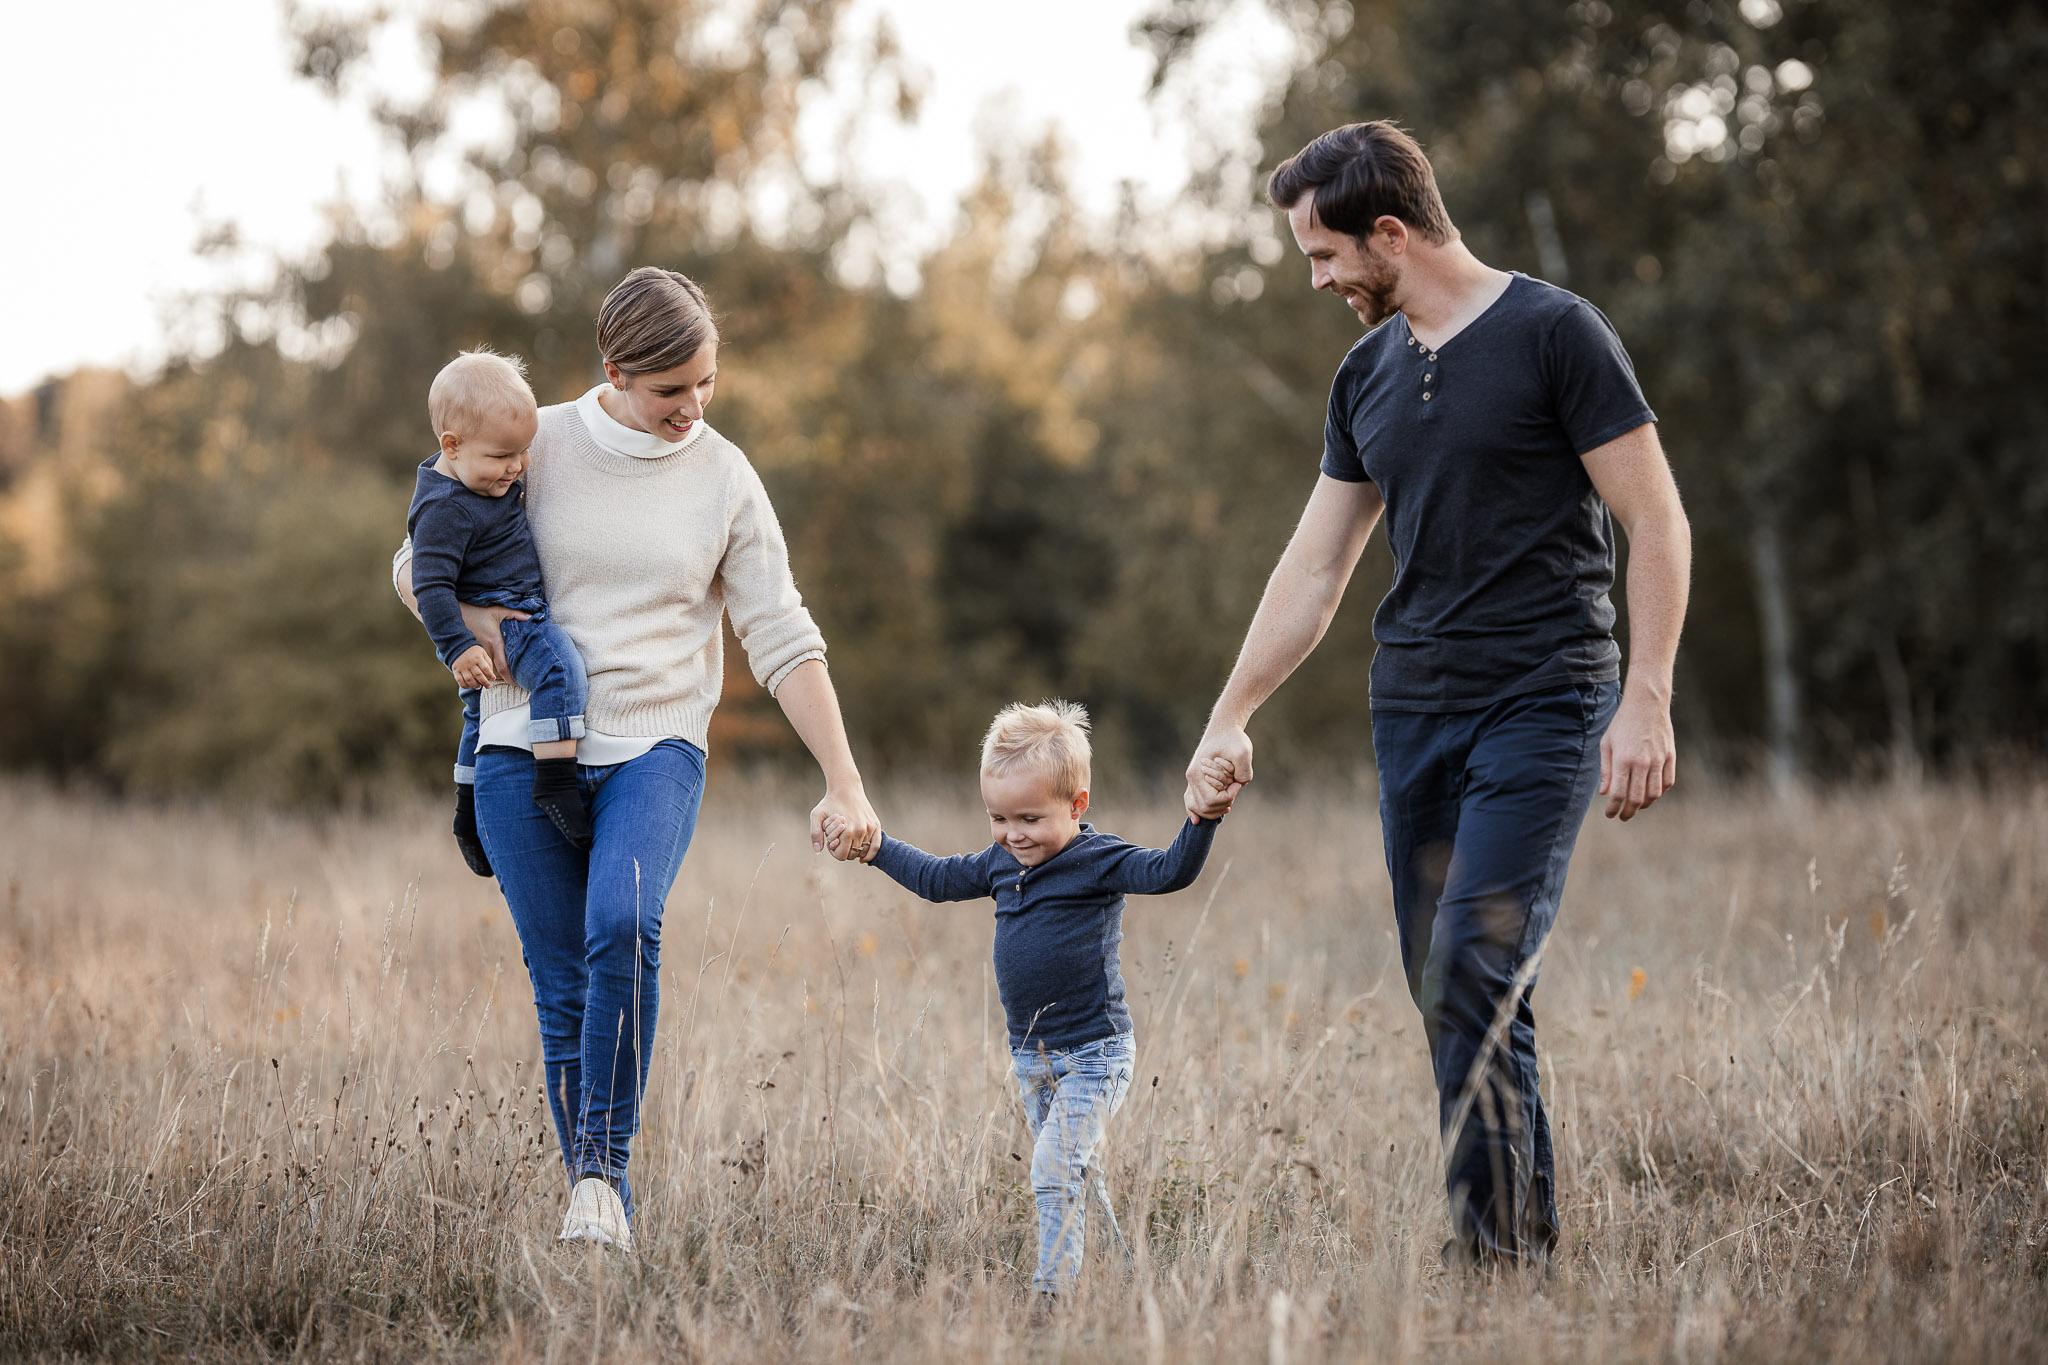 Familienfotos in Ober-Olm: Herbstbilder in der Natur 21